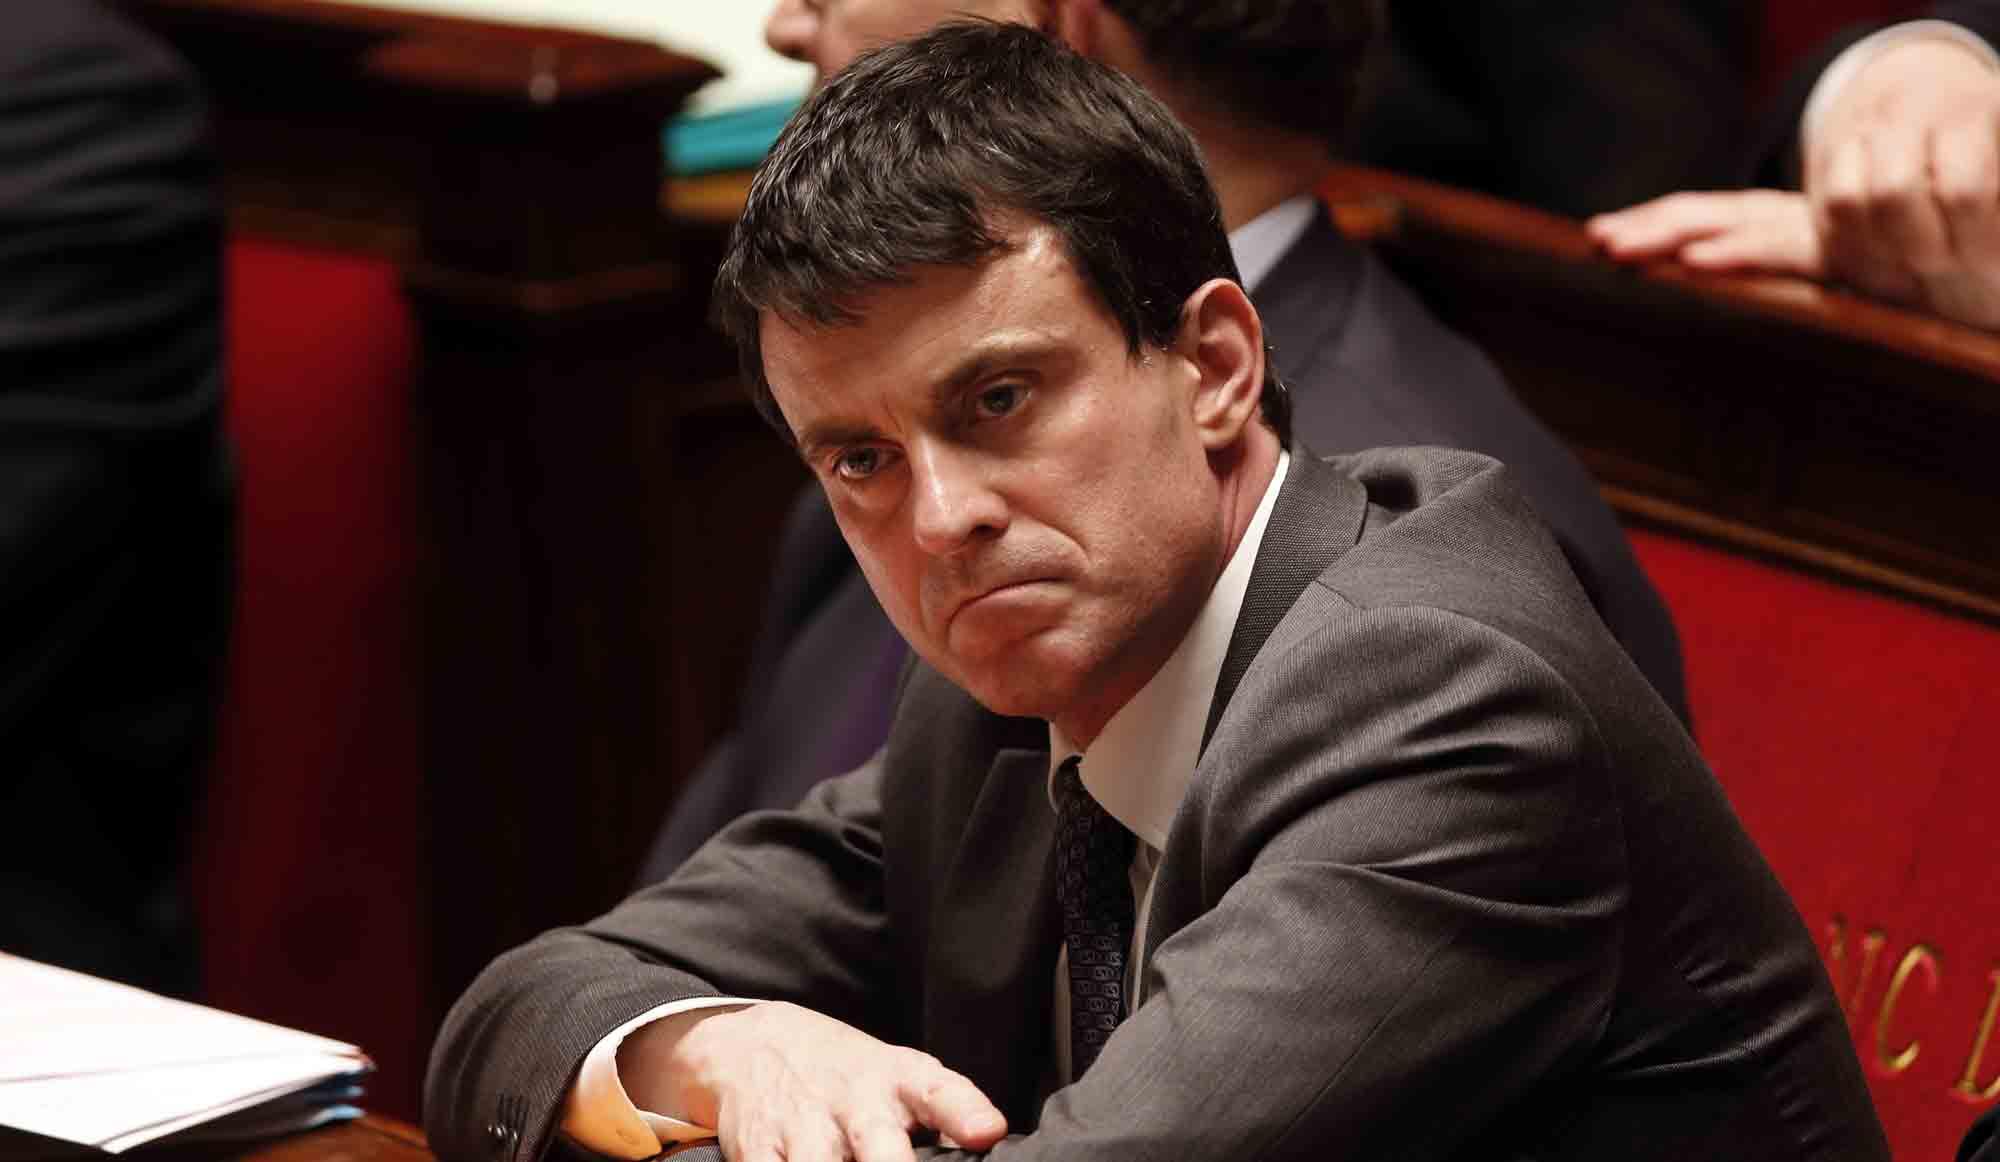 Valls d'énervement à l'Assemblée Nationale. La psycho a son Manuel...